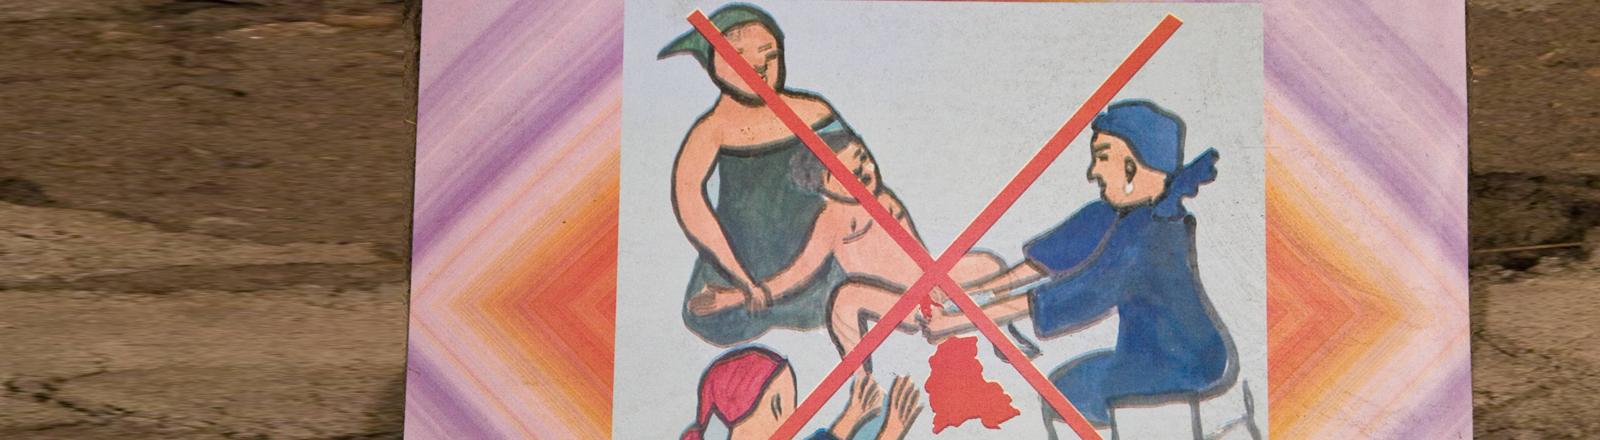 Warn-Poster gegen weibliche Beschneidung